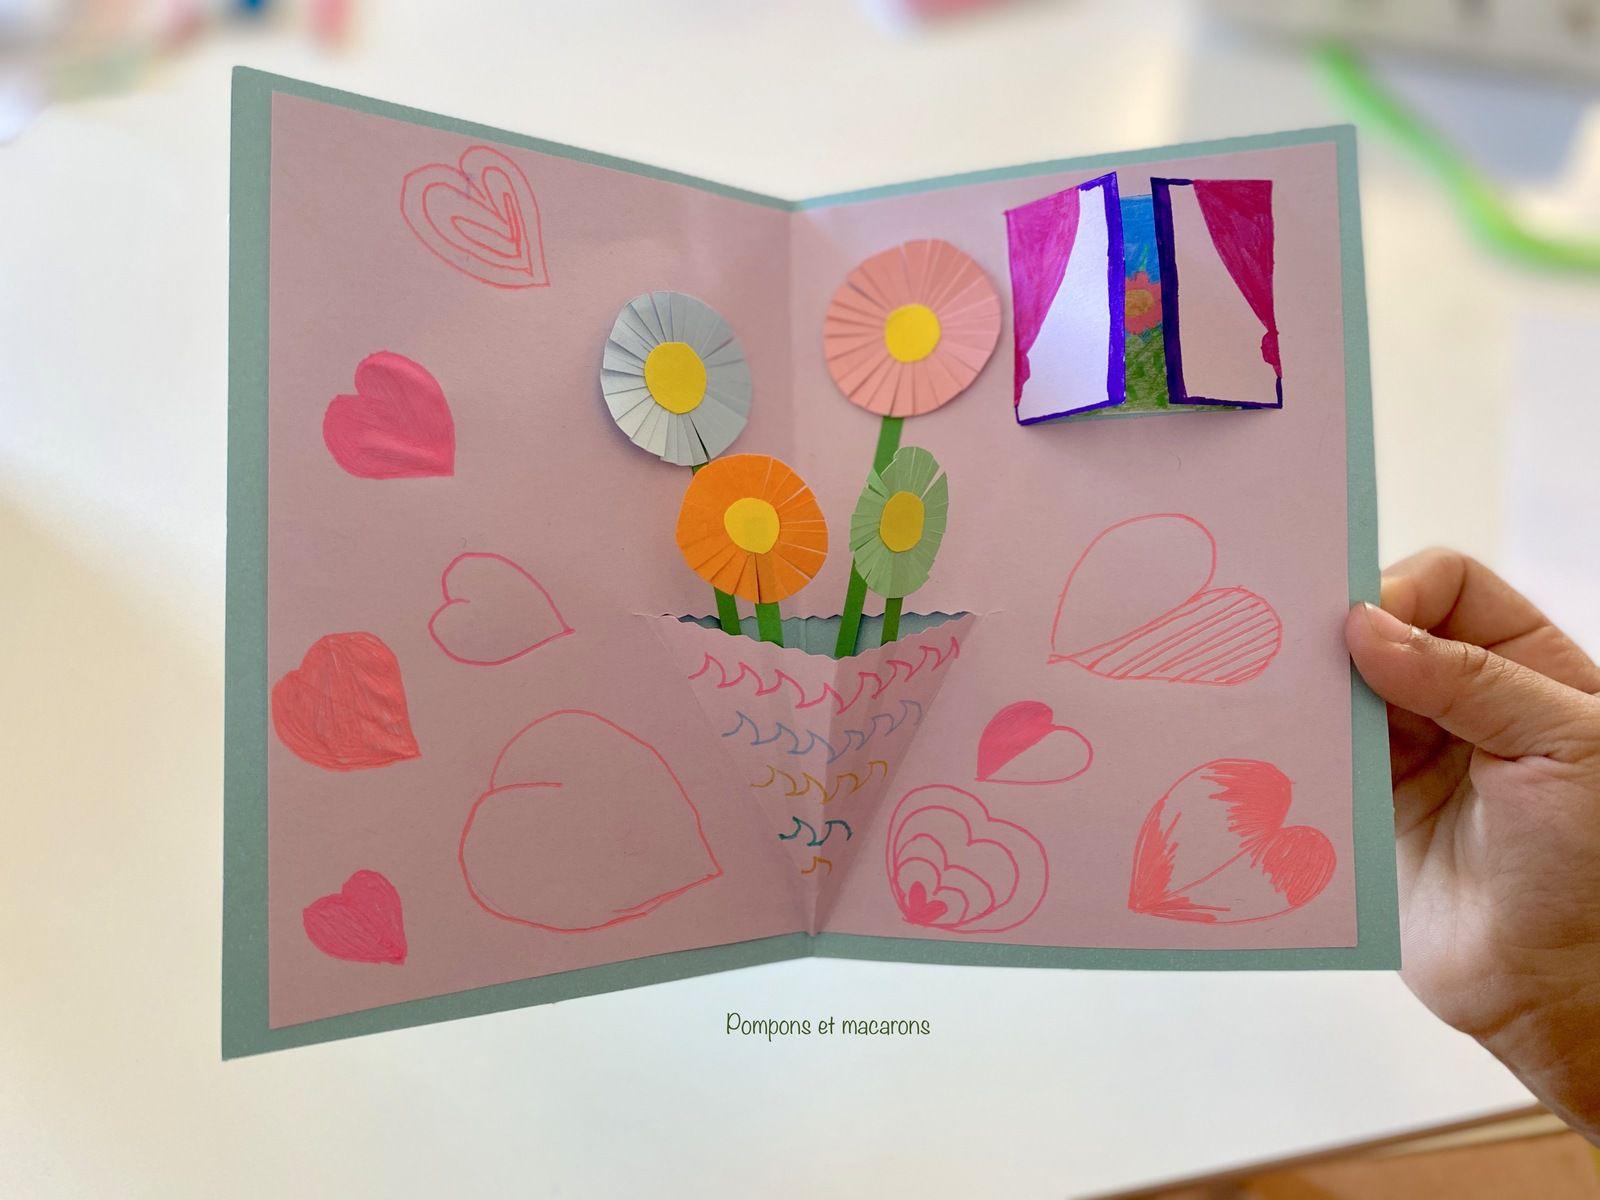 La carte Pop-up réalisée par Ninette pour l'anniversaire de sa Mamie